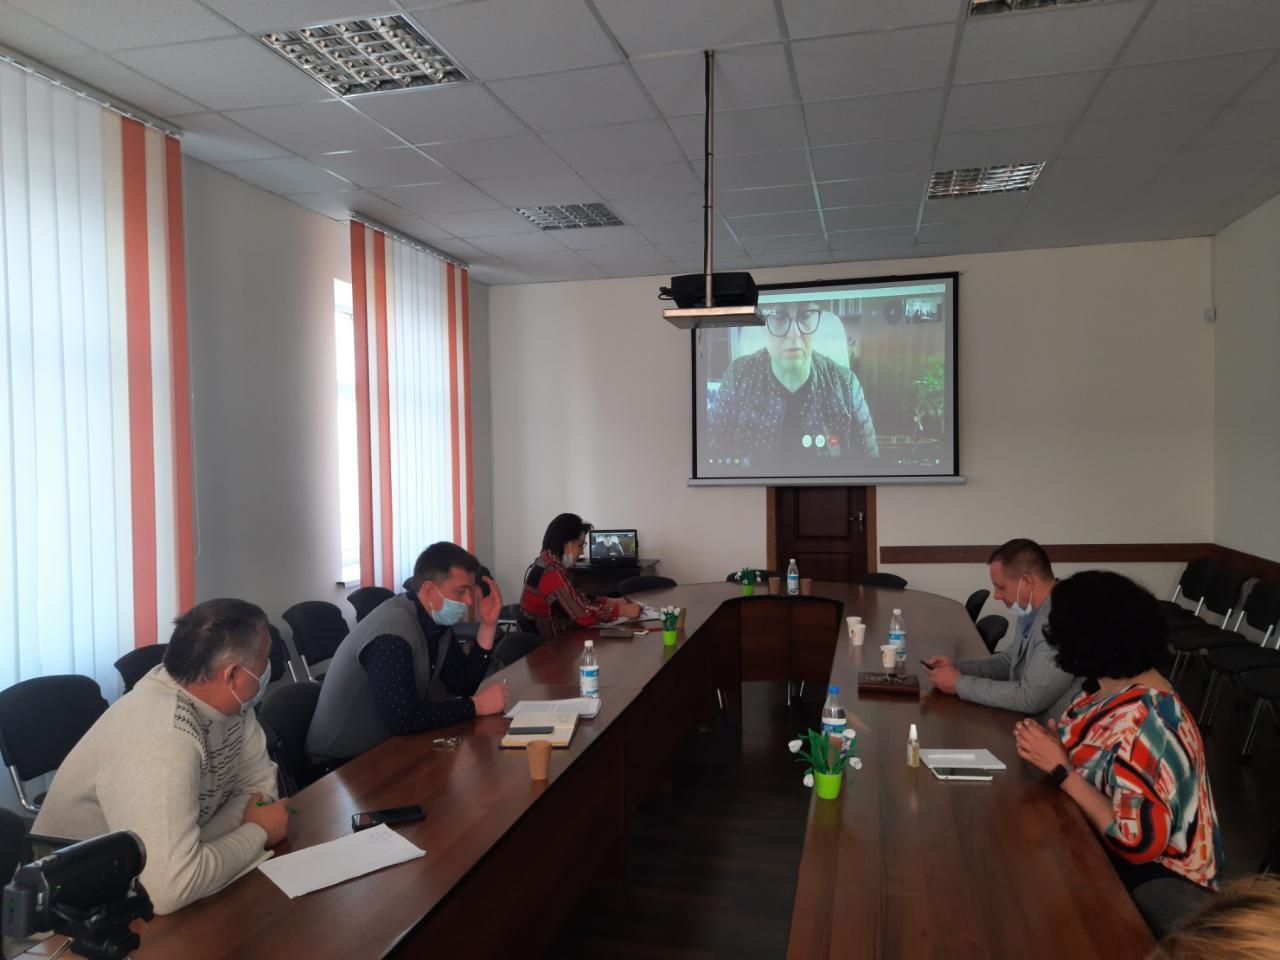 http://dunrada.gov.ua/uploadfile/archive_news/2020/04/10/2020-04-10_4322/images/images-85332.jpg